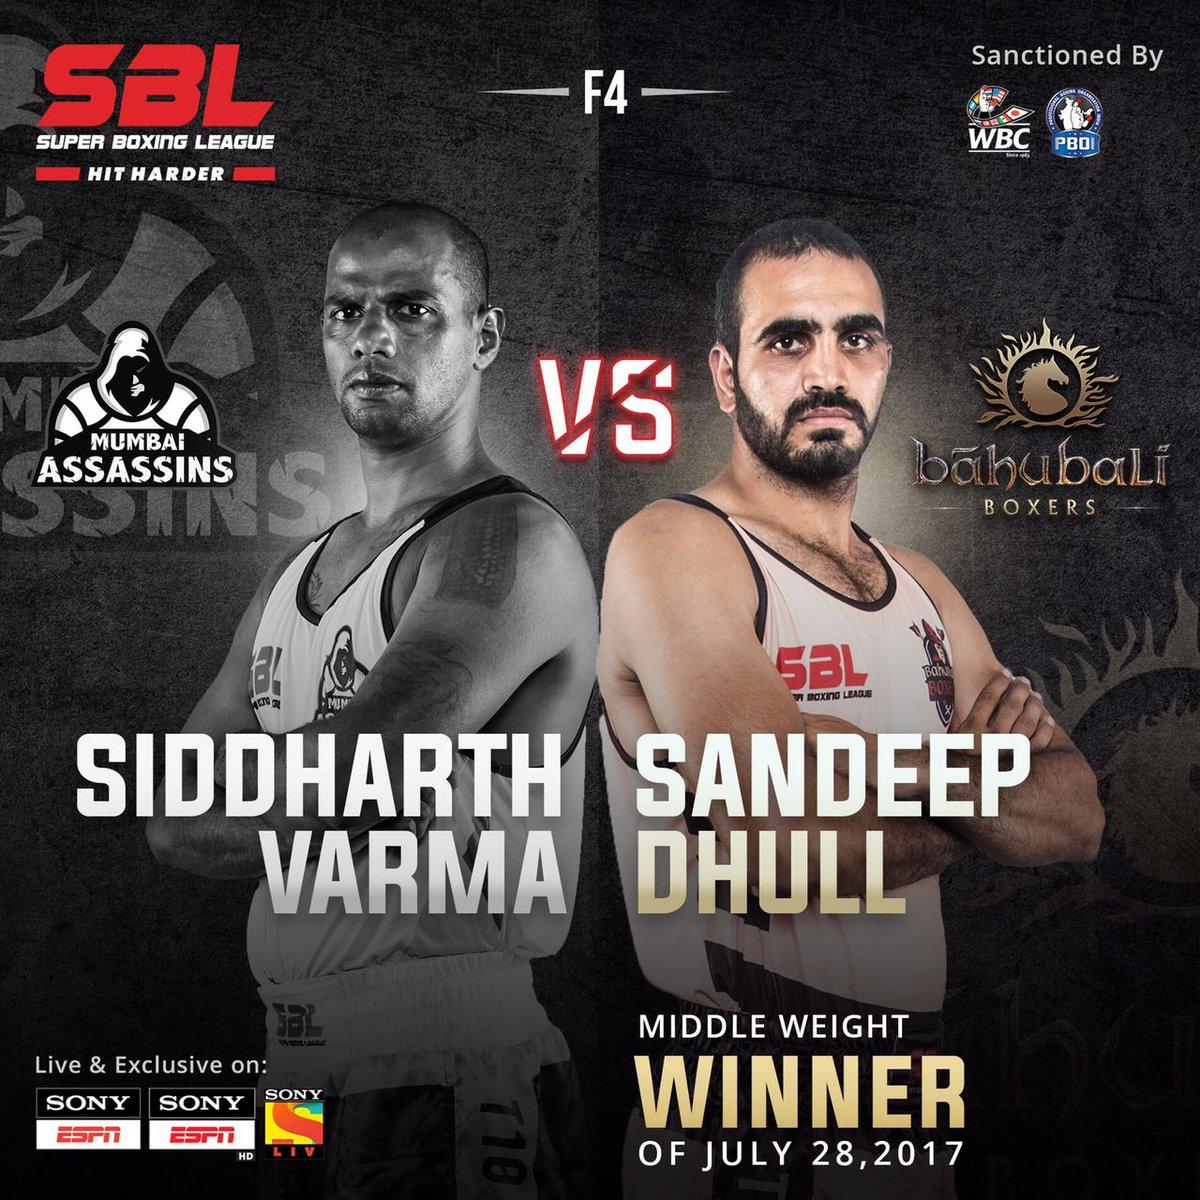 #SandeepDhull brings the second win for @BahubaliBoxers  🥊 #SBLMumbaiVSBahubali #SBL #HitHarder